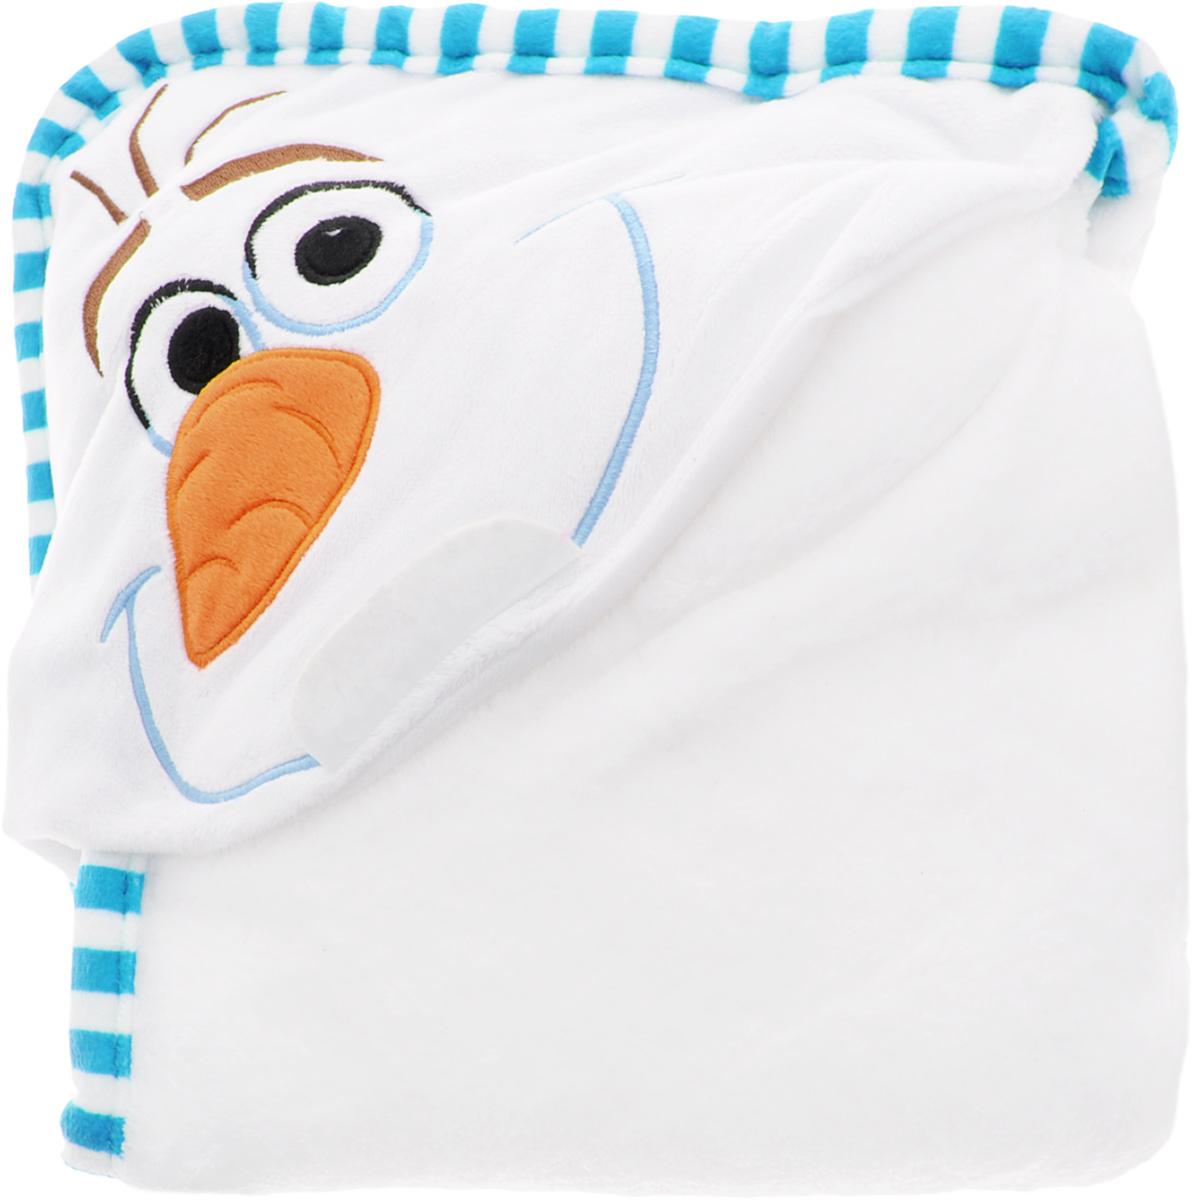 Disney Плед детский с капюшоном Olaf15642Детский плед с капюшоном Disney Olaf - удивительная и многофункциональная вещь, от приобретения которой выиграют все. Родители - потому что получают для своих любимых чад тёплое и мягкое покрывальце. Дети - потому что мягкий плед может использоваться как накидка или пончо, а это отличная возможность преобразиться из мальчика или девочки в любимого героя. Данная текстильная продукция занимает высокие позиции на потребительском рынке благодаря своему оригинальному дизайну и безопасным материалам.